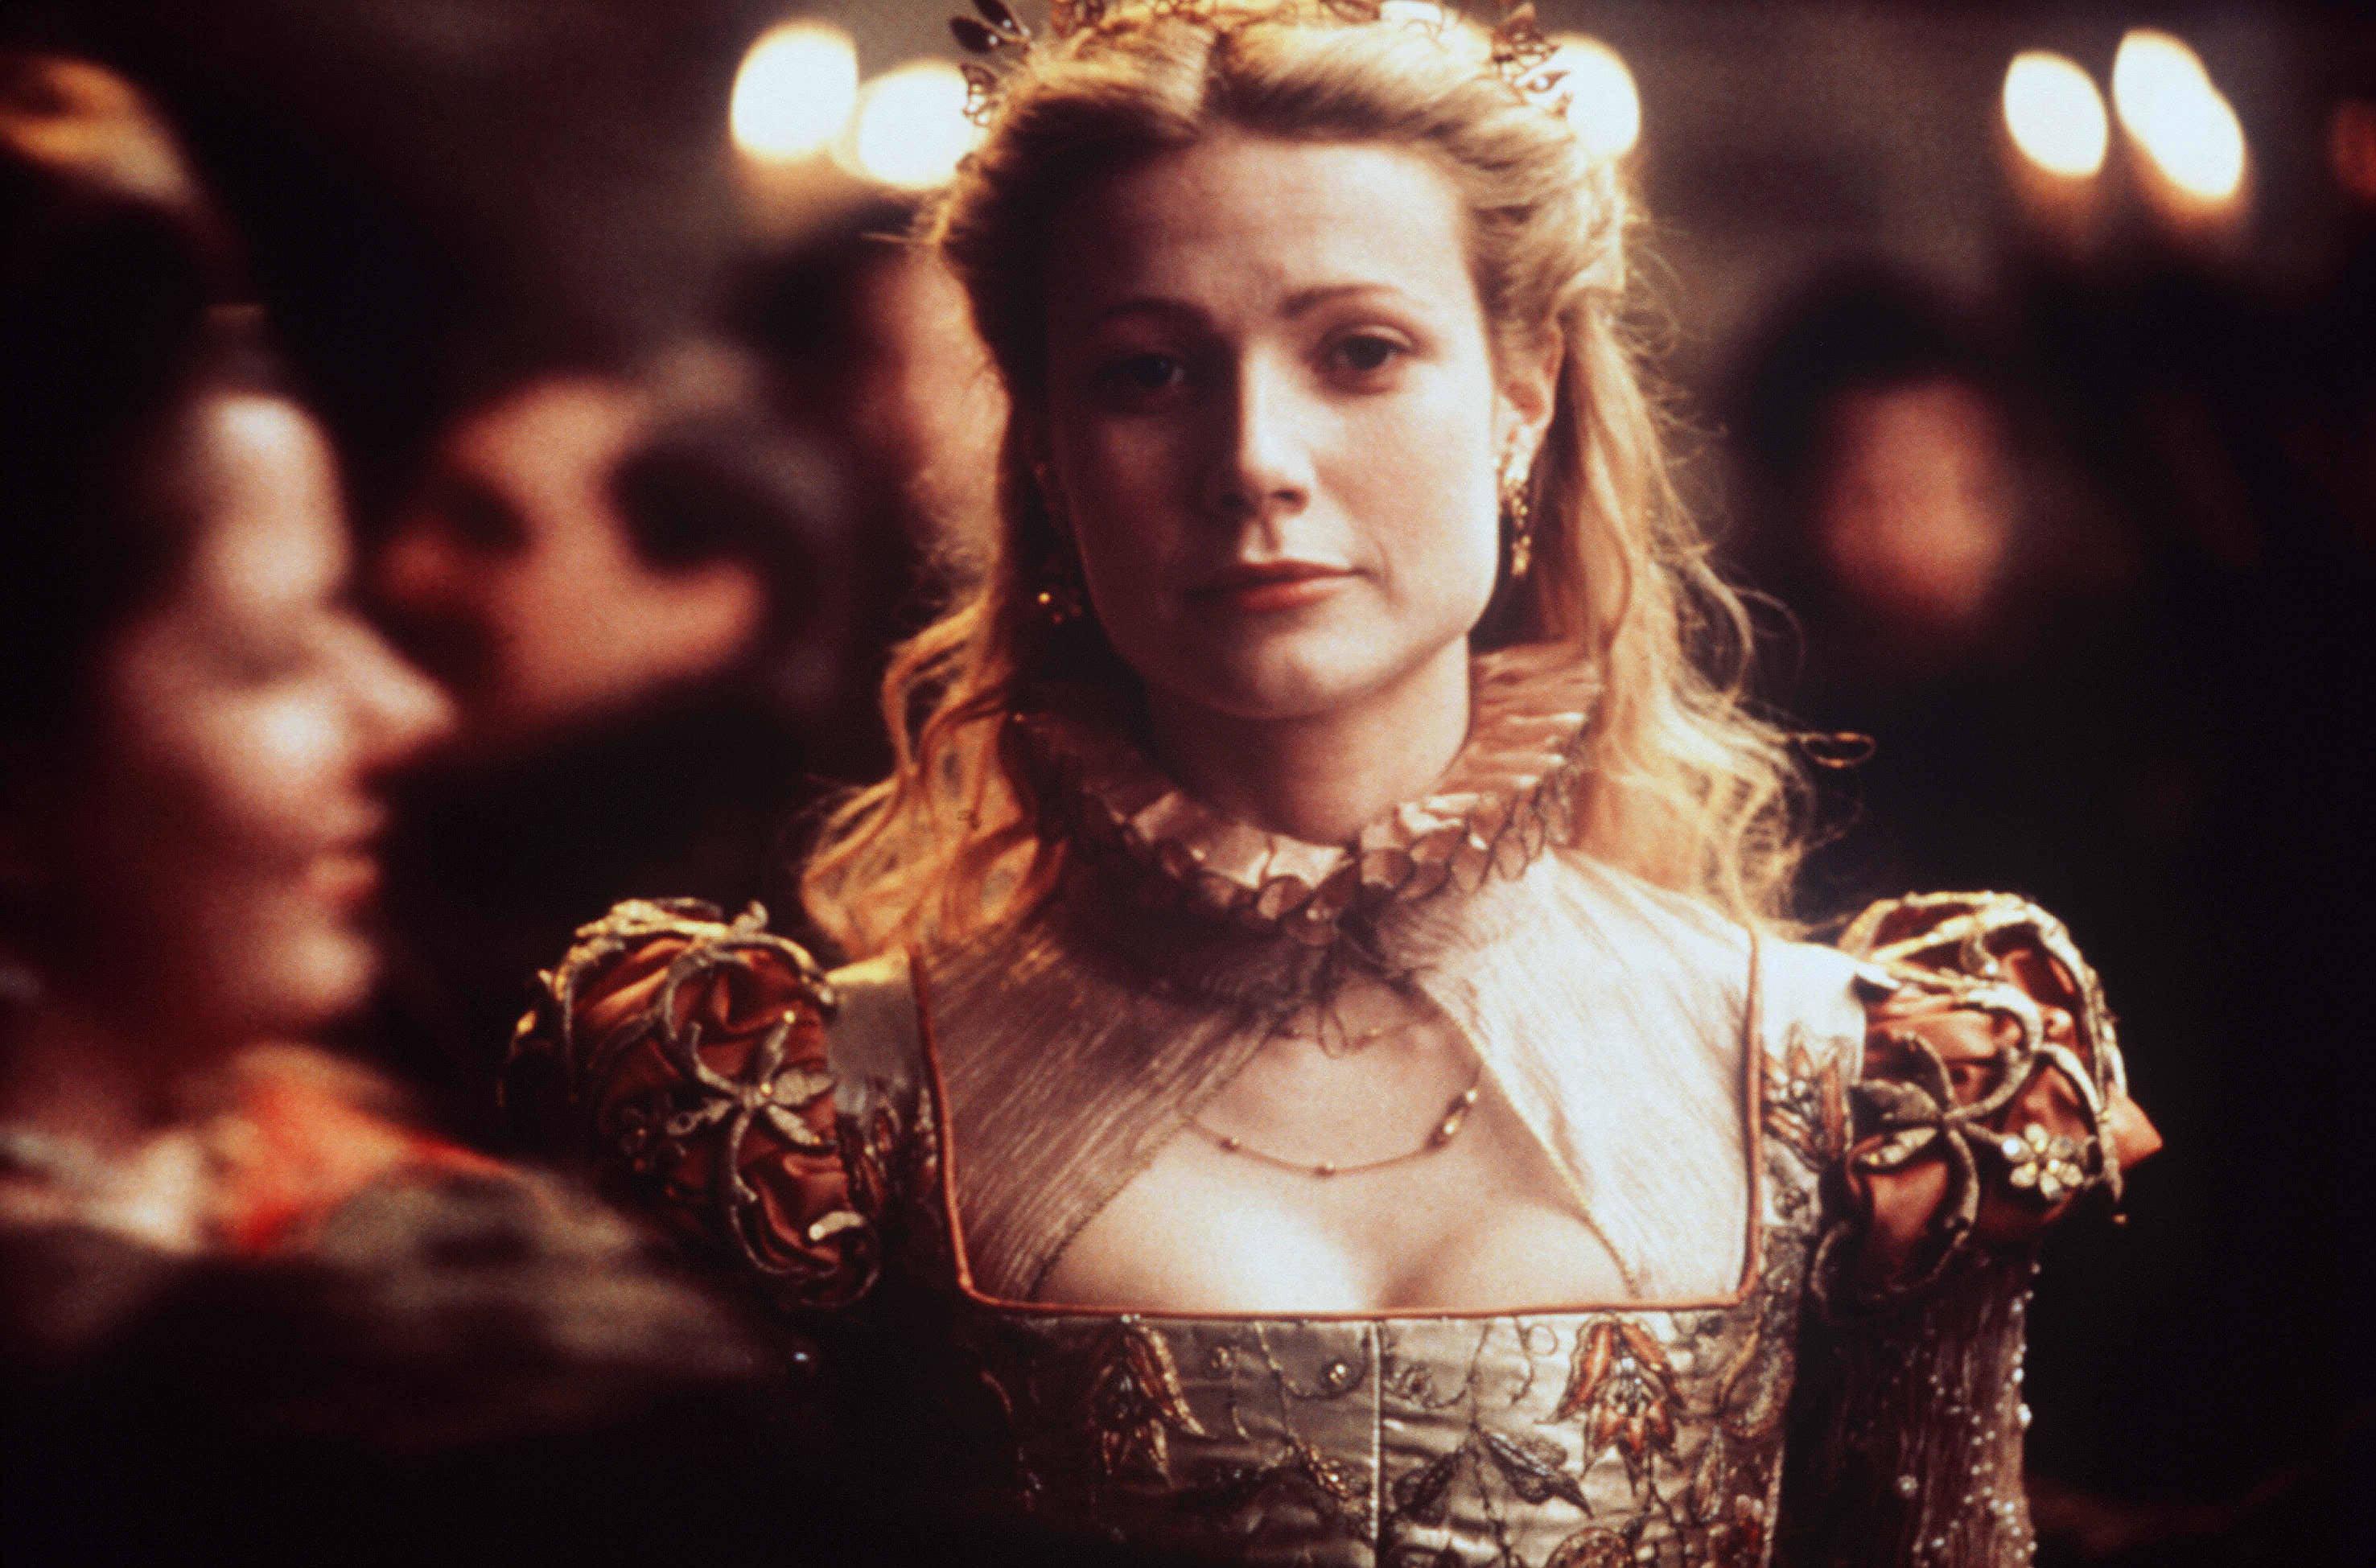 """Gwyneth Paltrow starred in """"Shakespeare In Love"""" in 1998."""